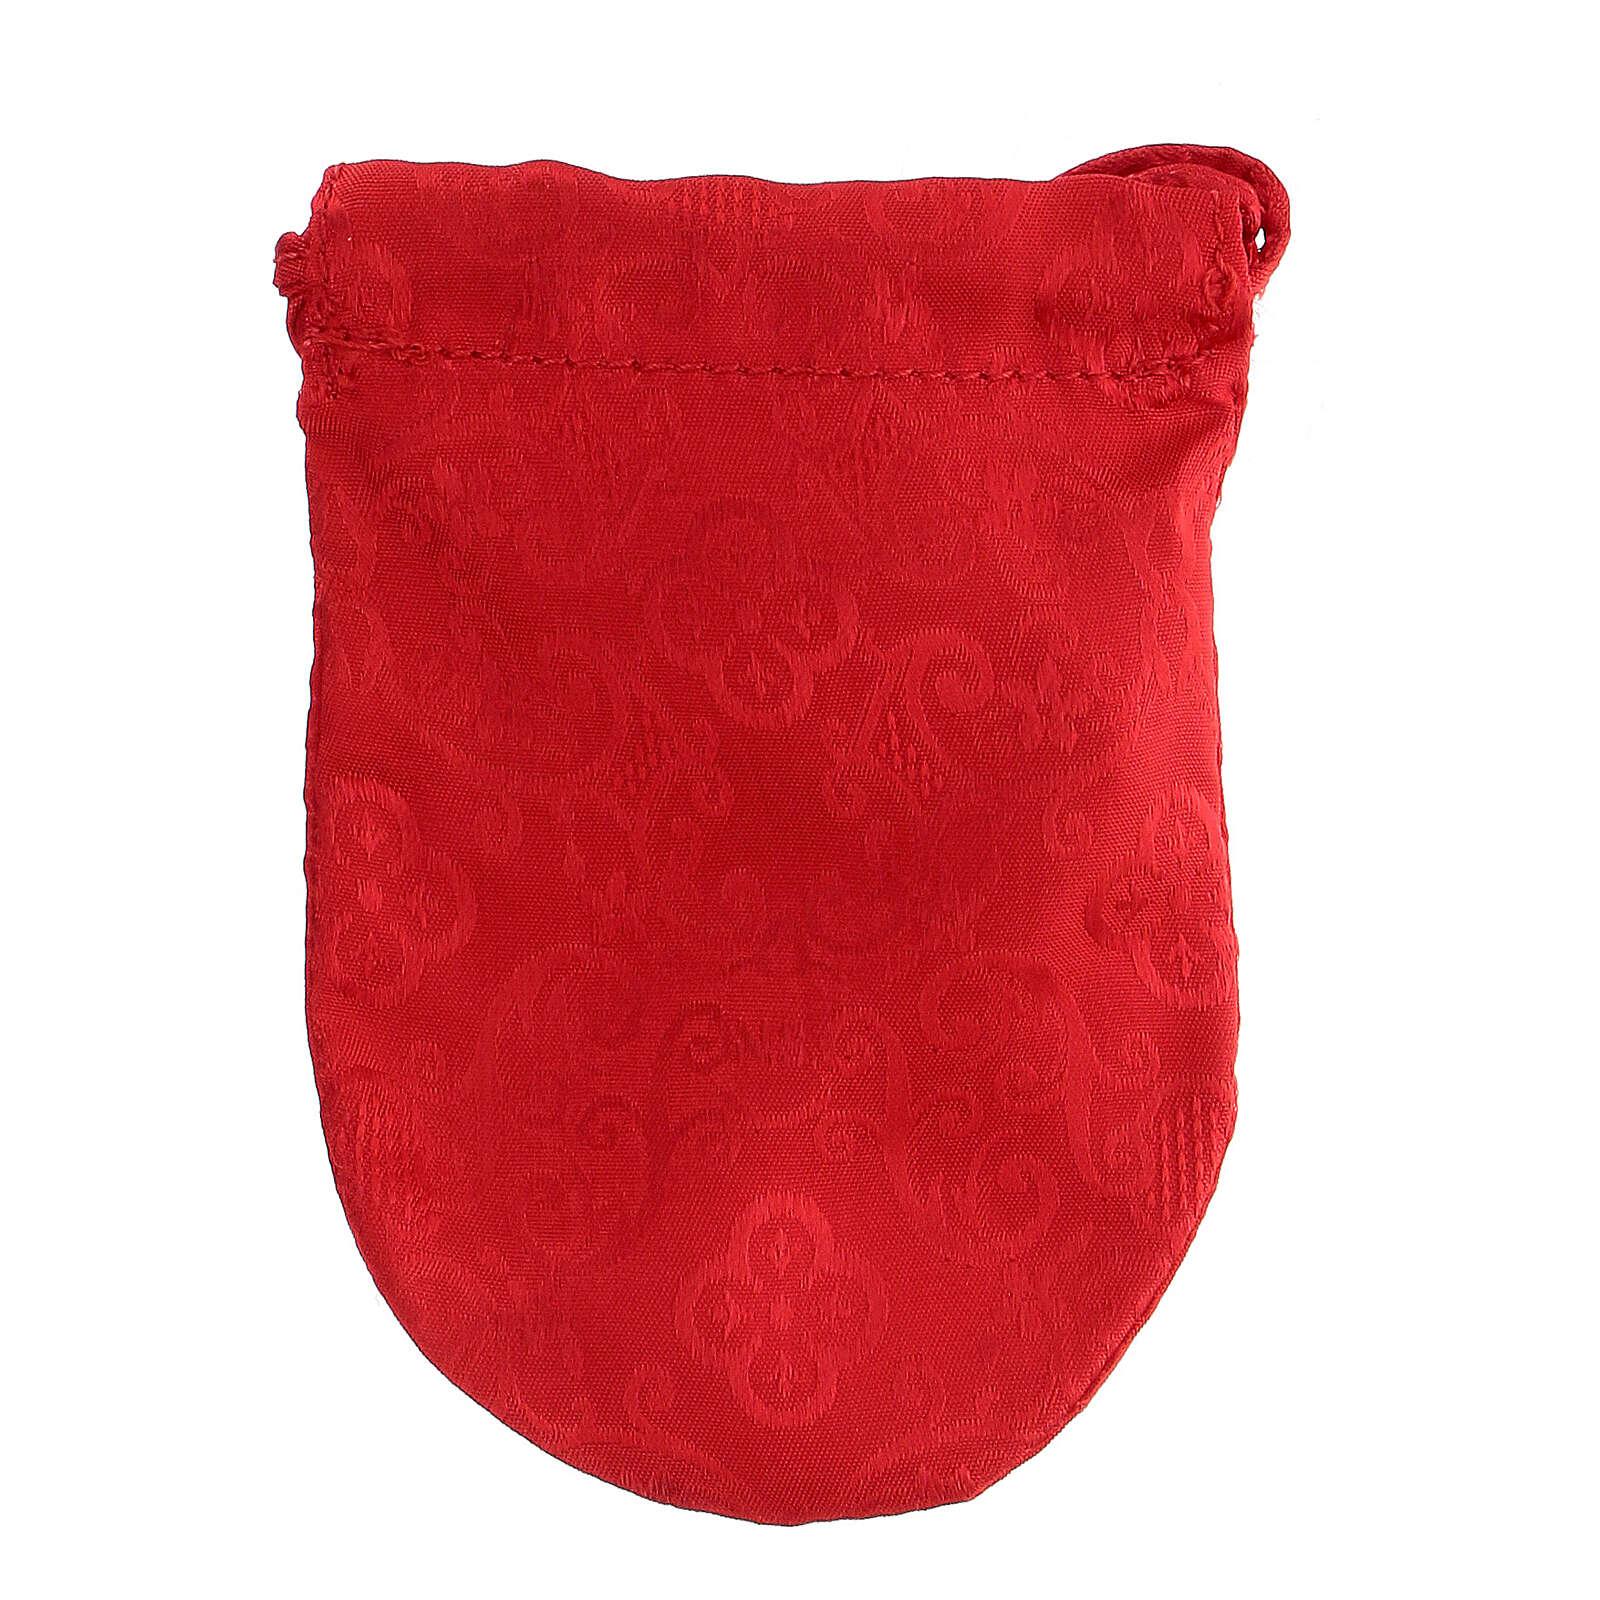 Bolsa para viático de Jacquard rojo relicario 8 cm 3